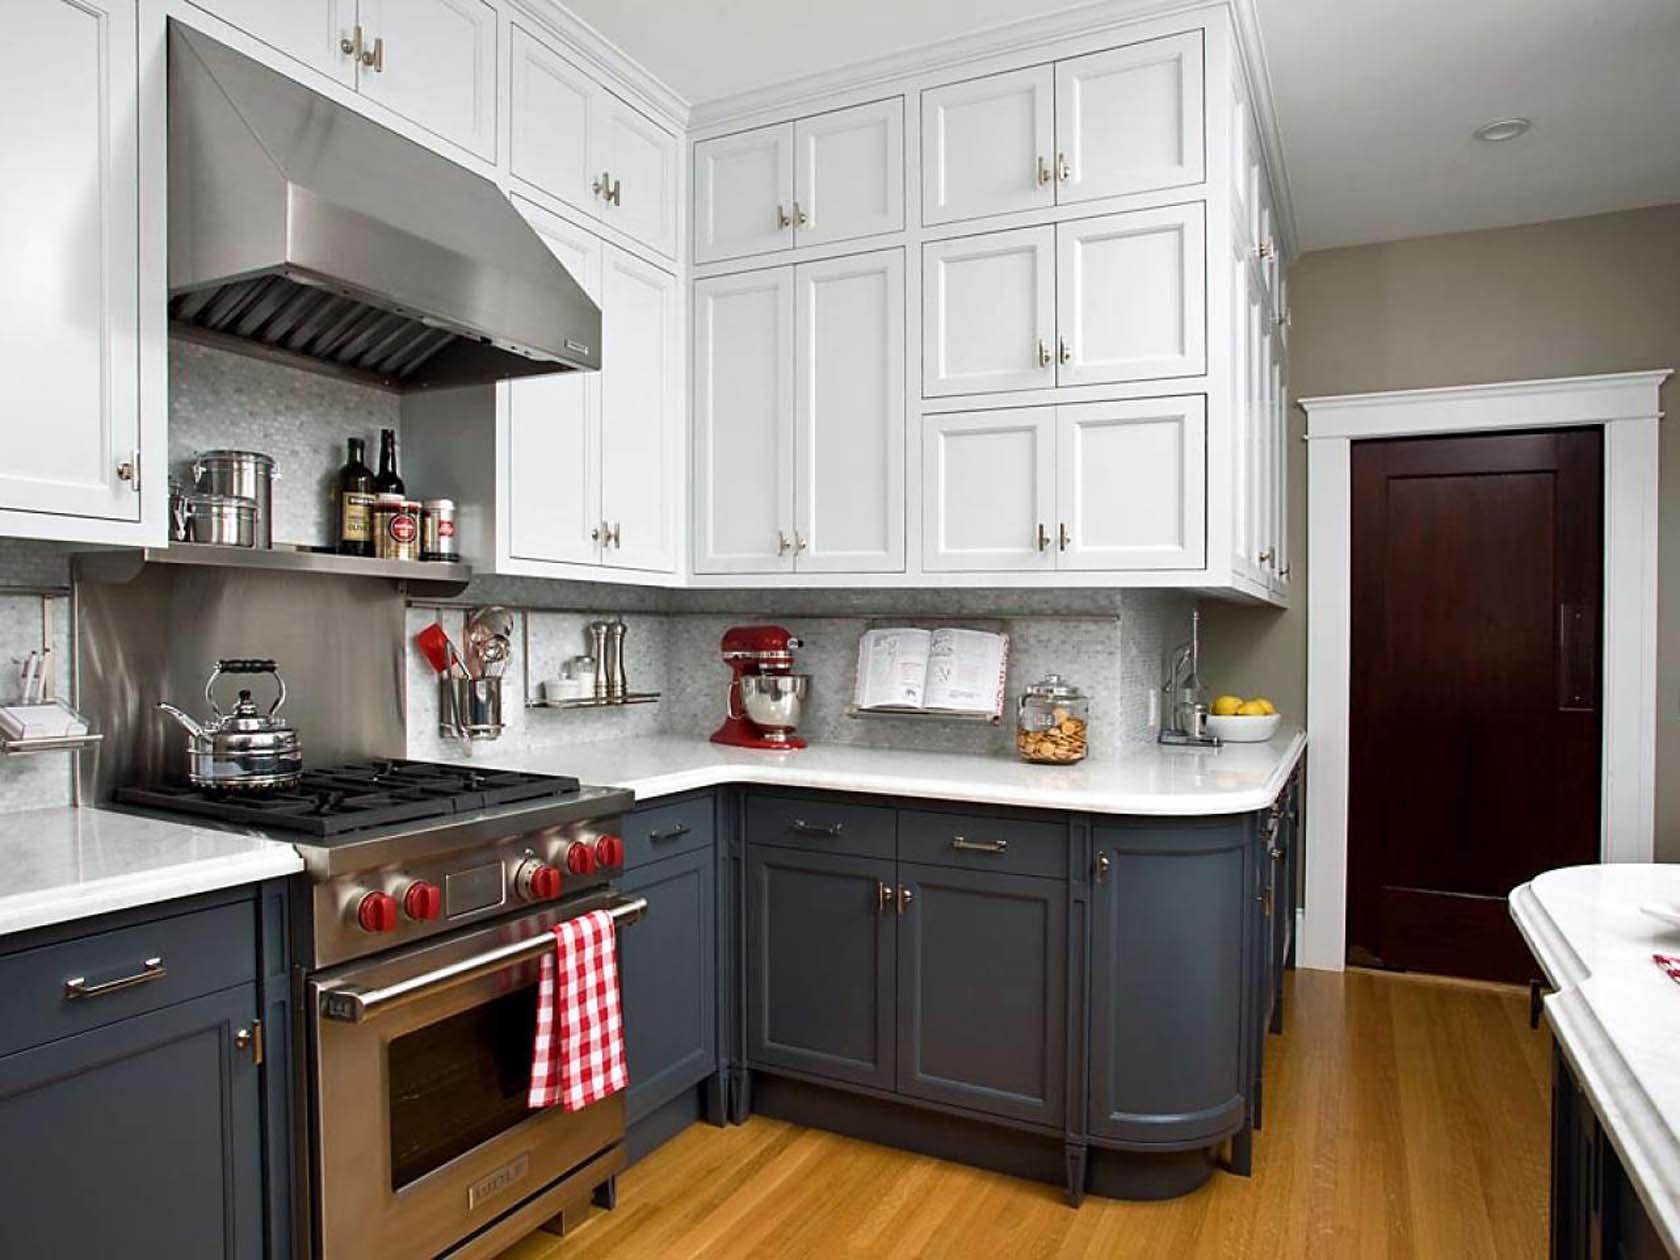 Two-Tone Kitchens